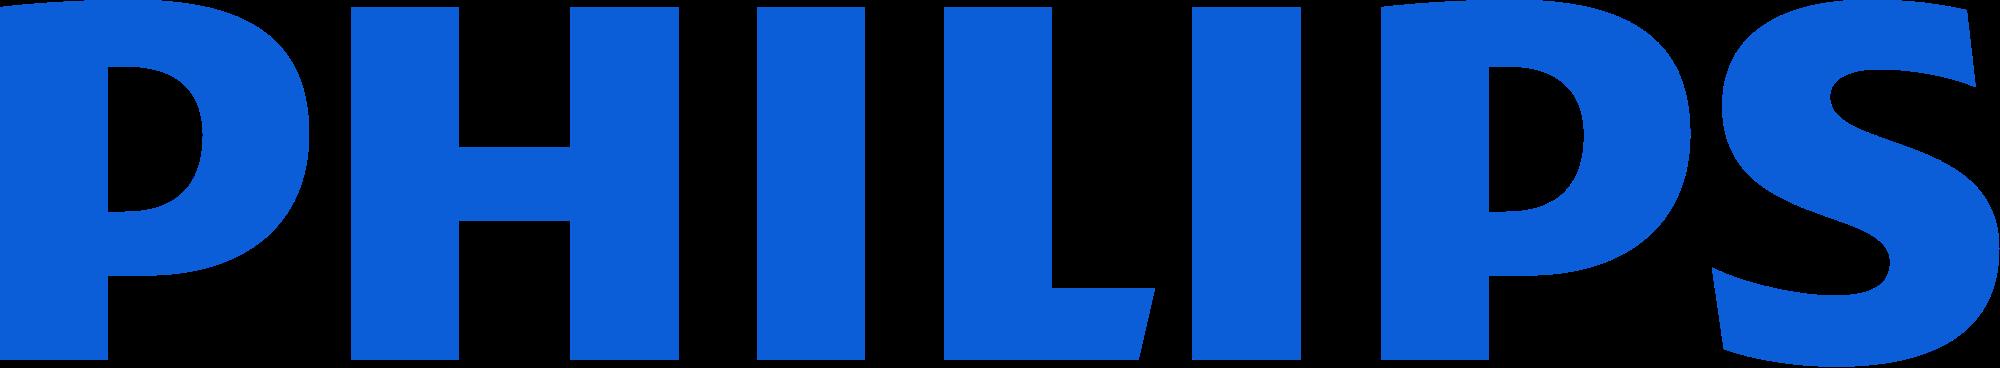 Logo des Herstellers Philips